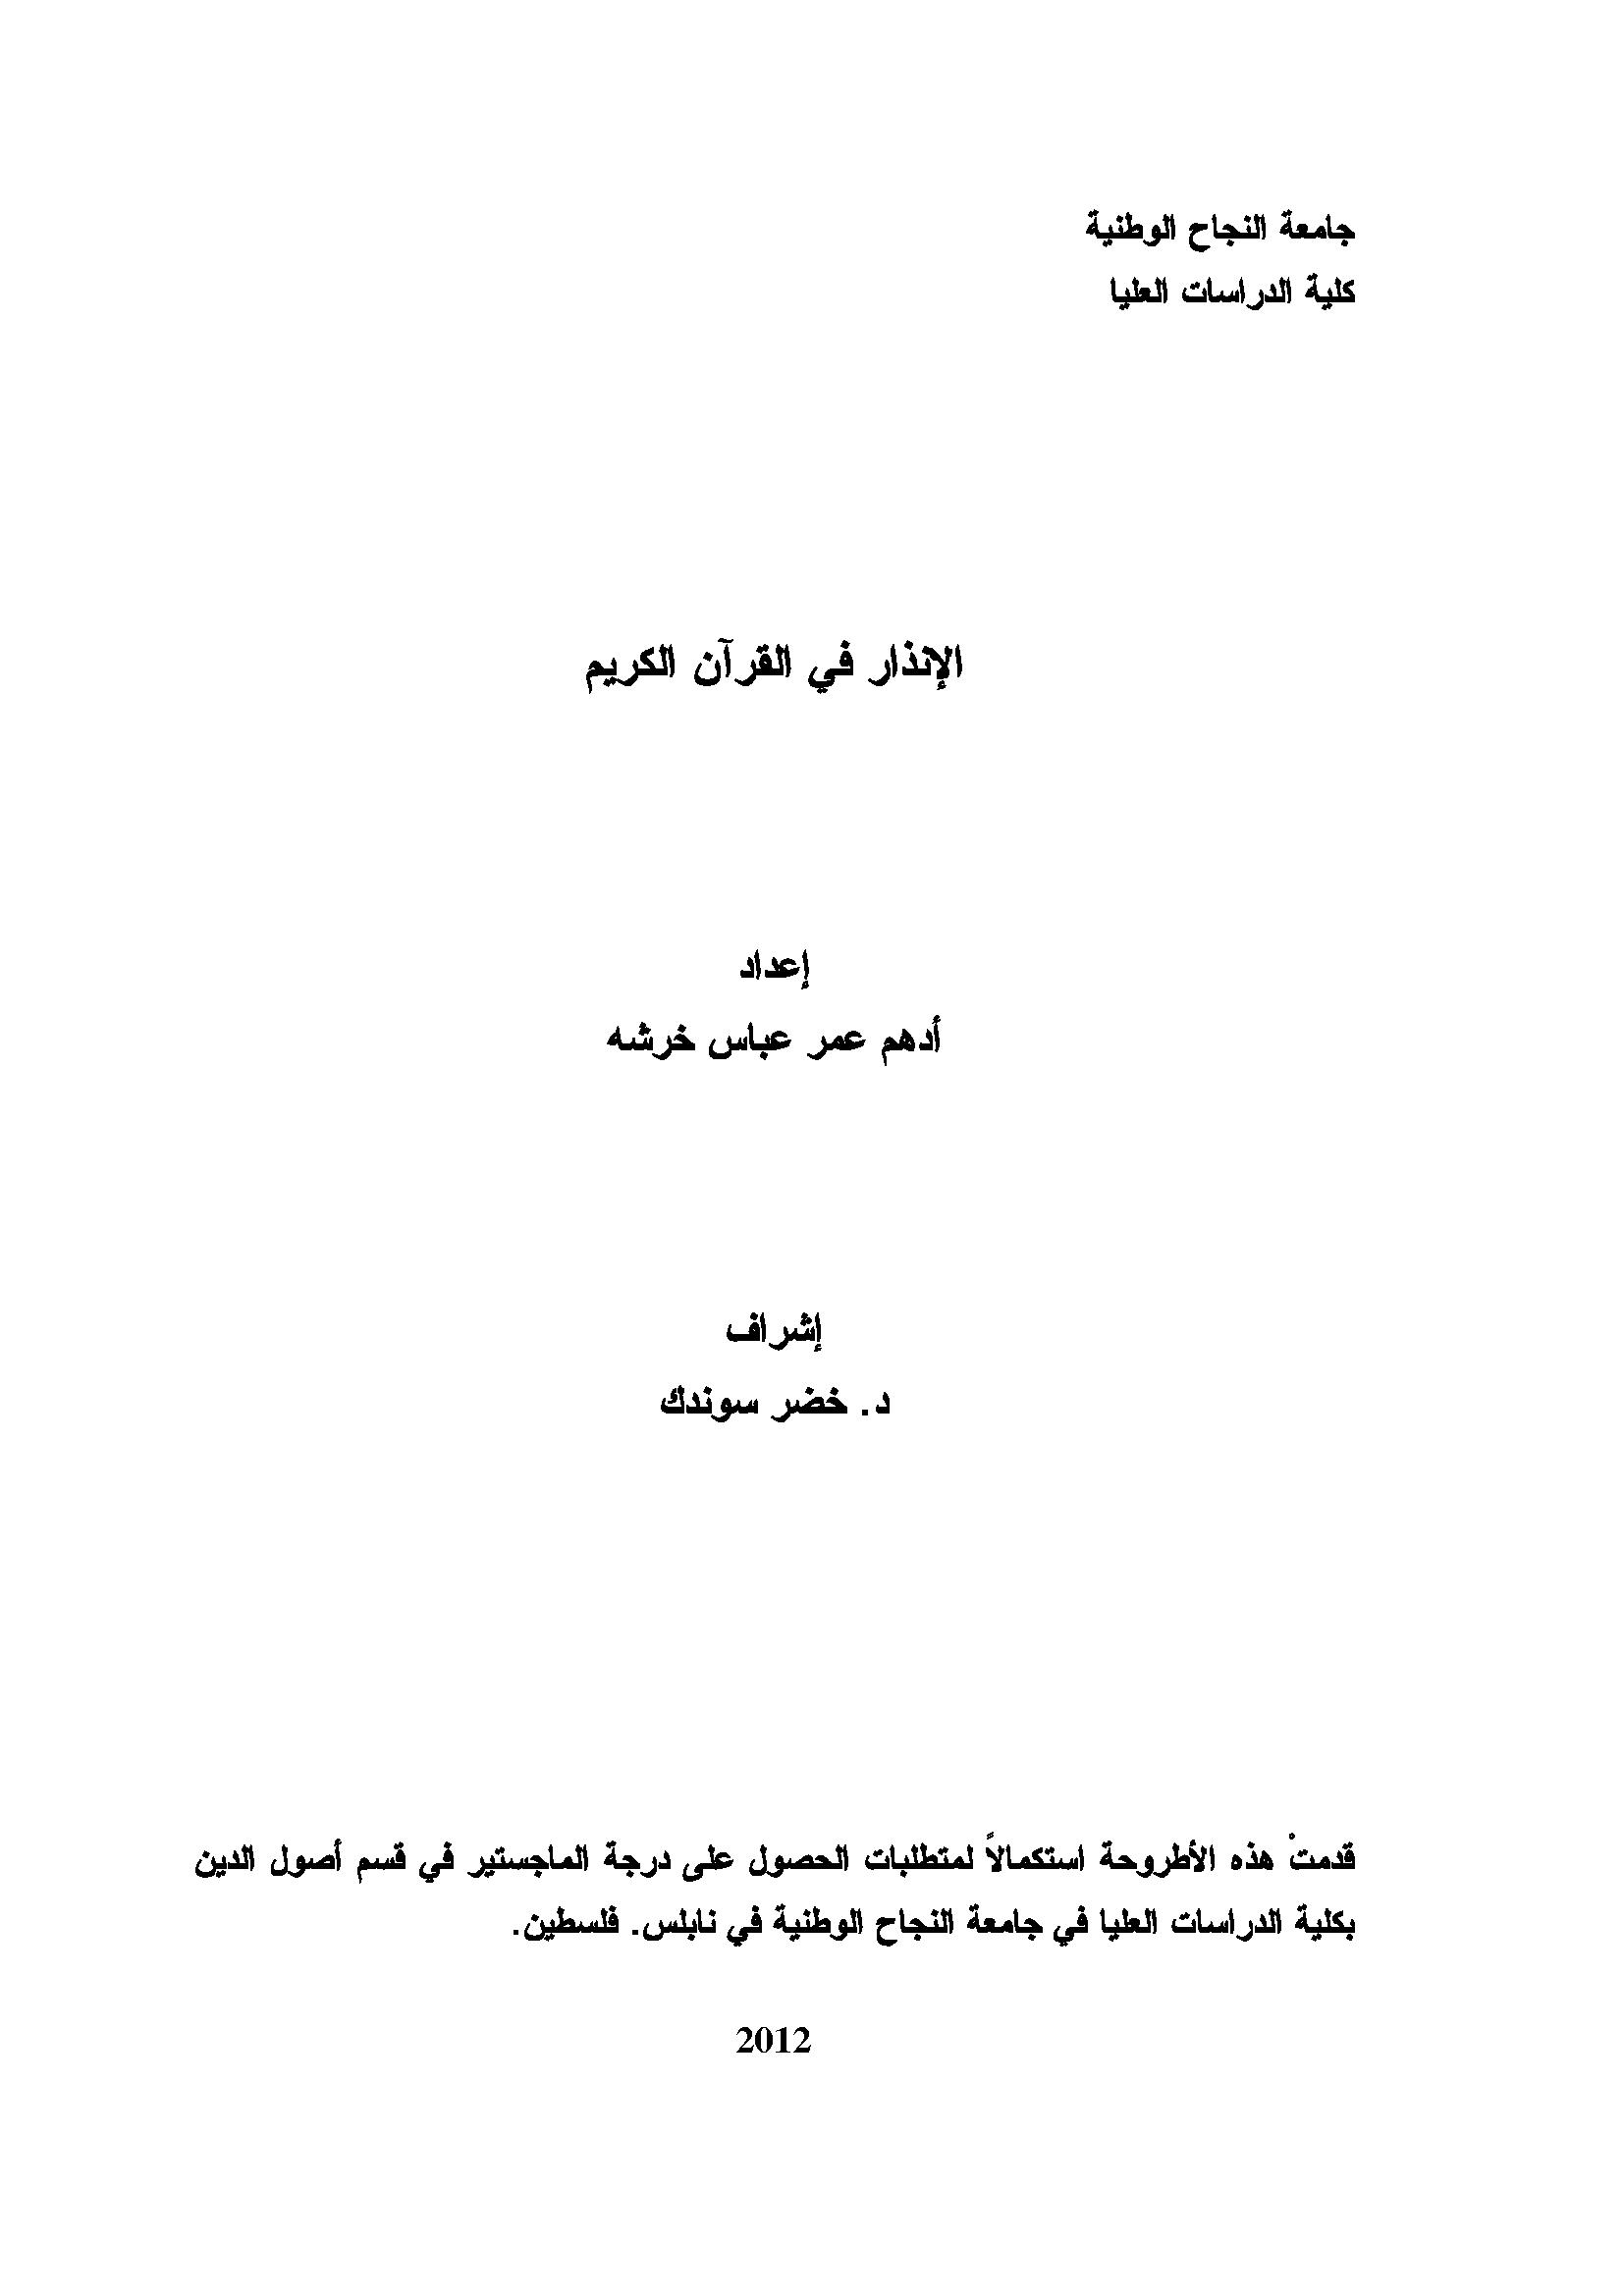 تحميل كتاب الإنذار في القرآن الكريم لـِ: أدهم عمر عباس خرشة